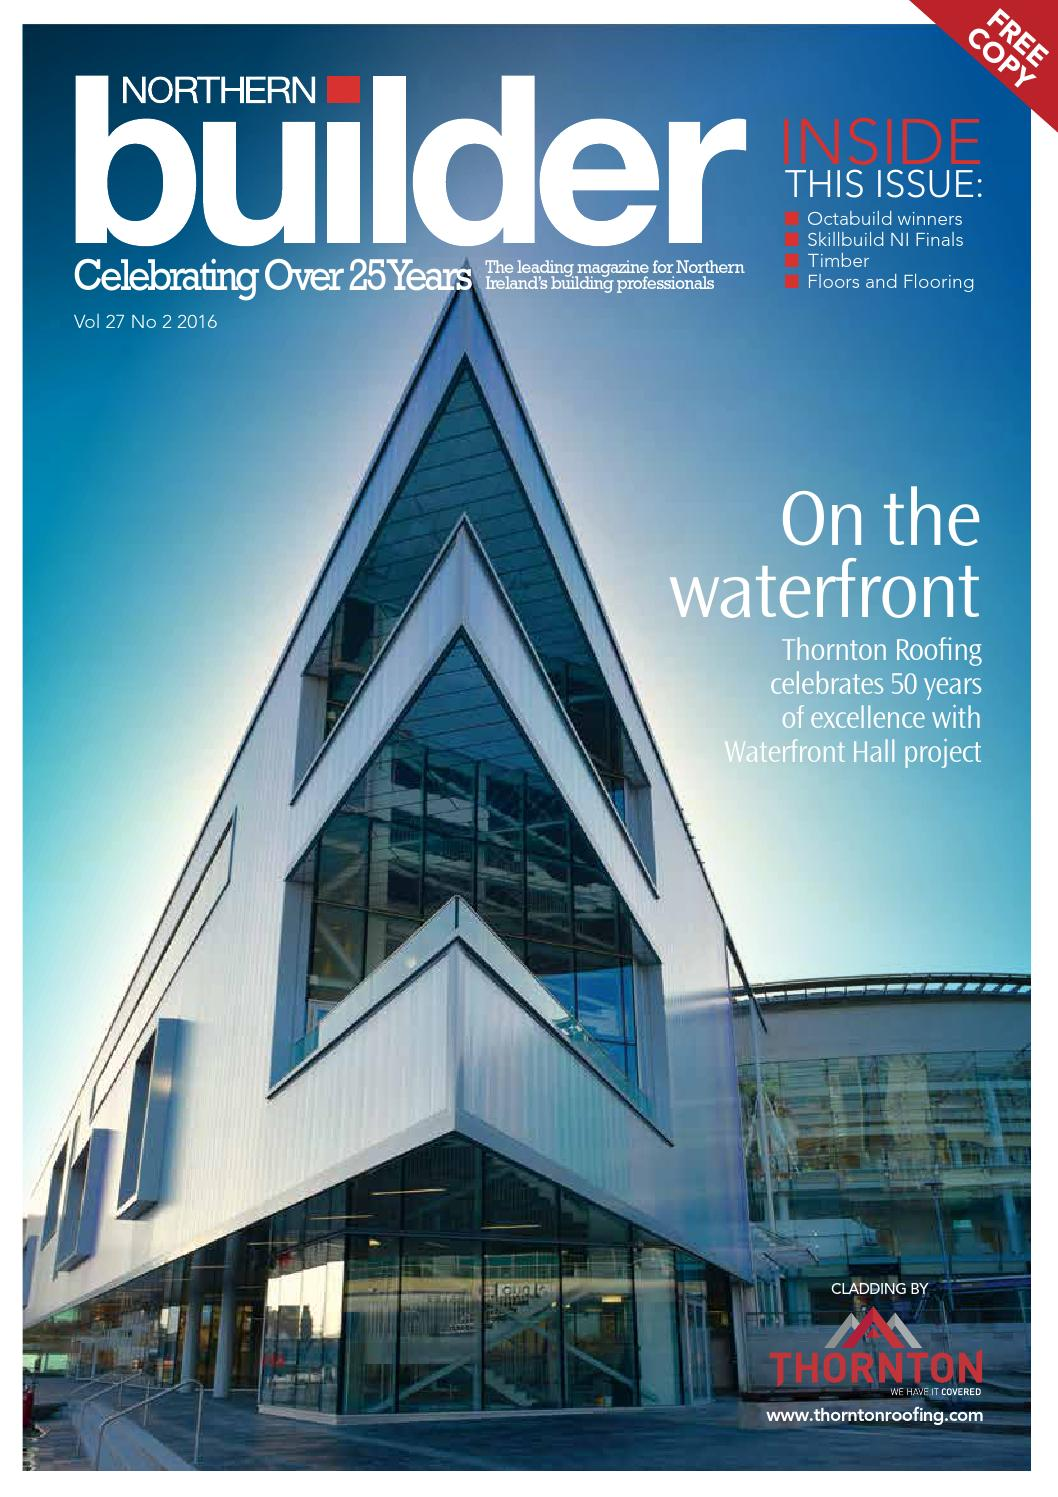 Northern Builder Magazine Issue 27-2 April 2016 by Karen McAvoy ...